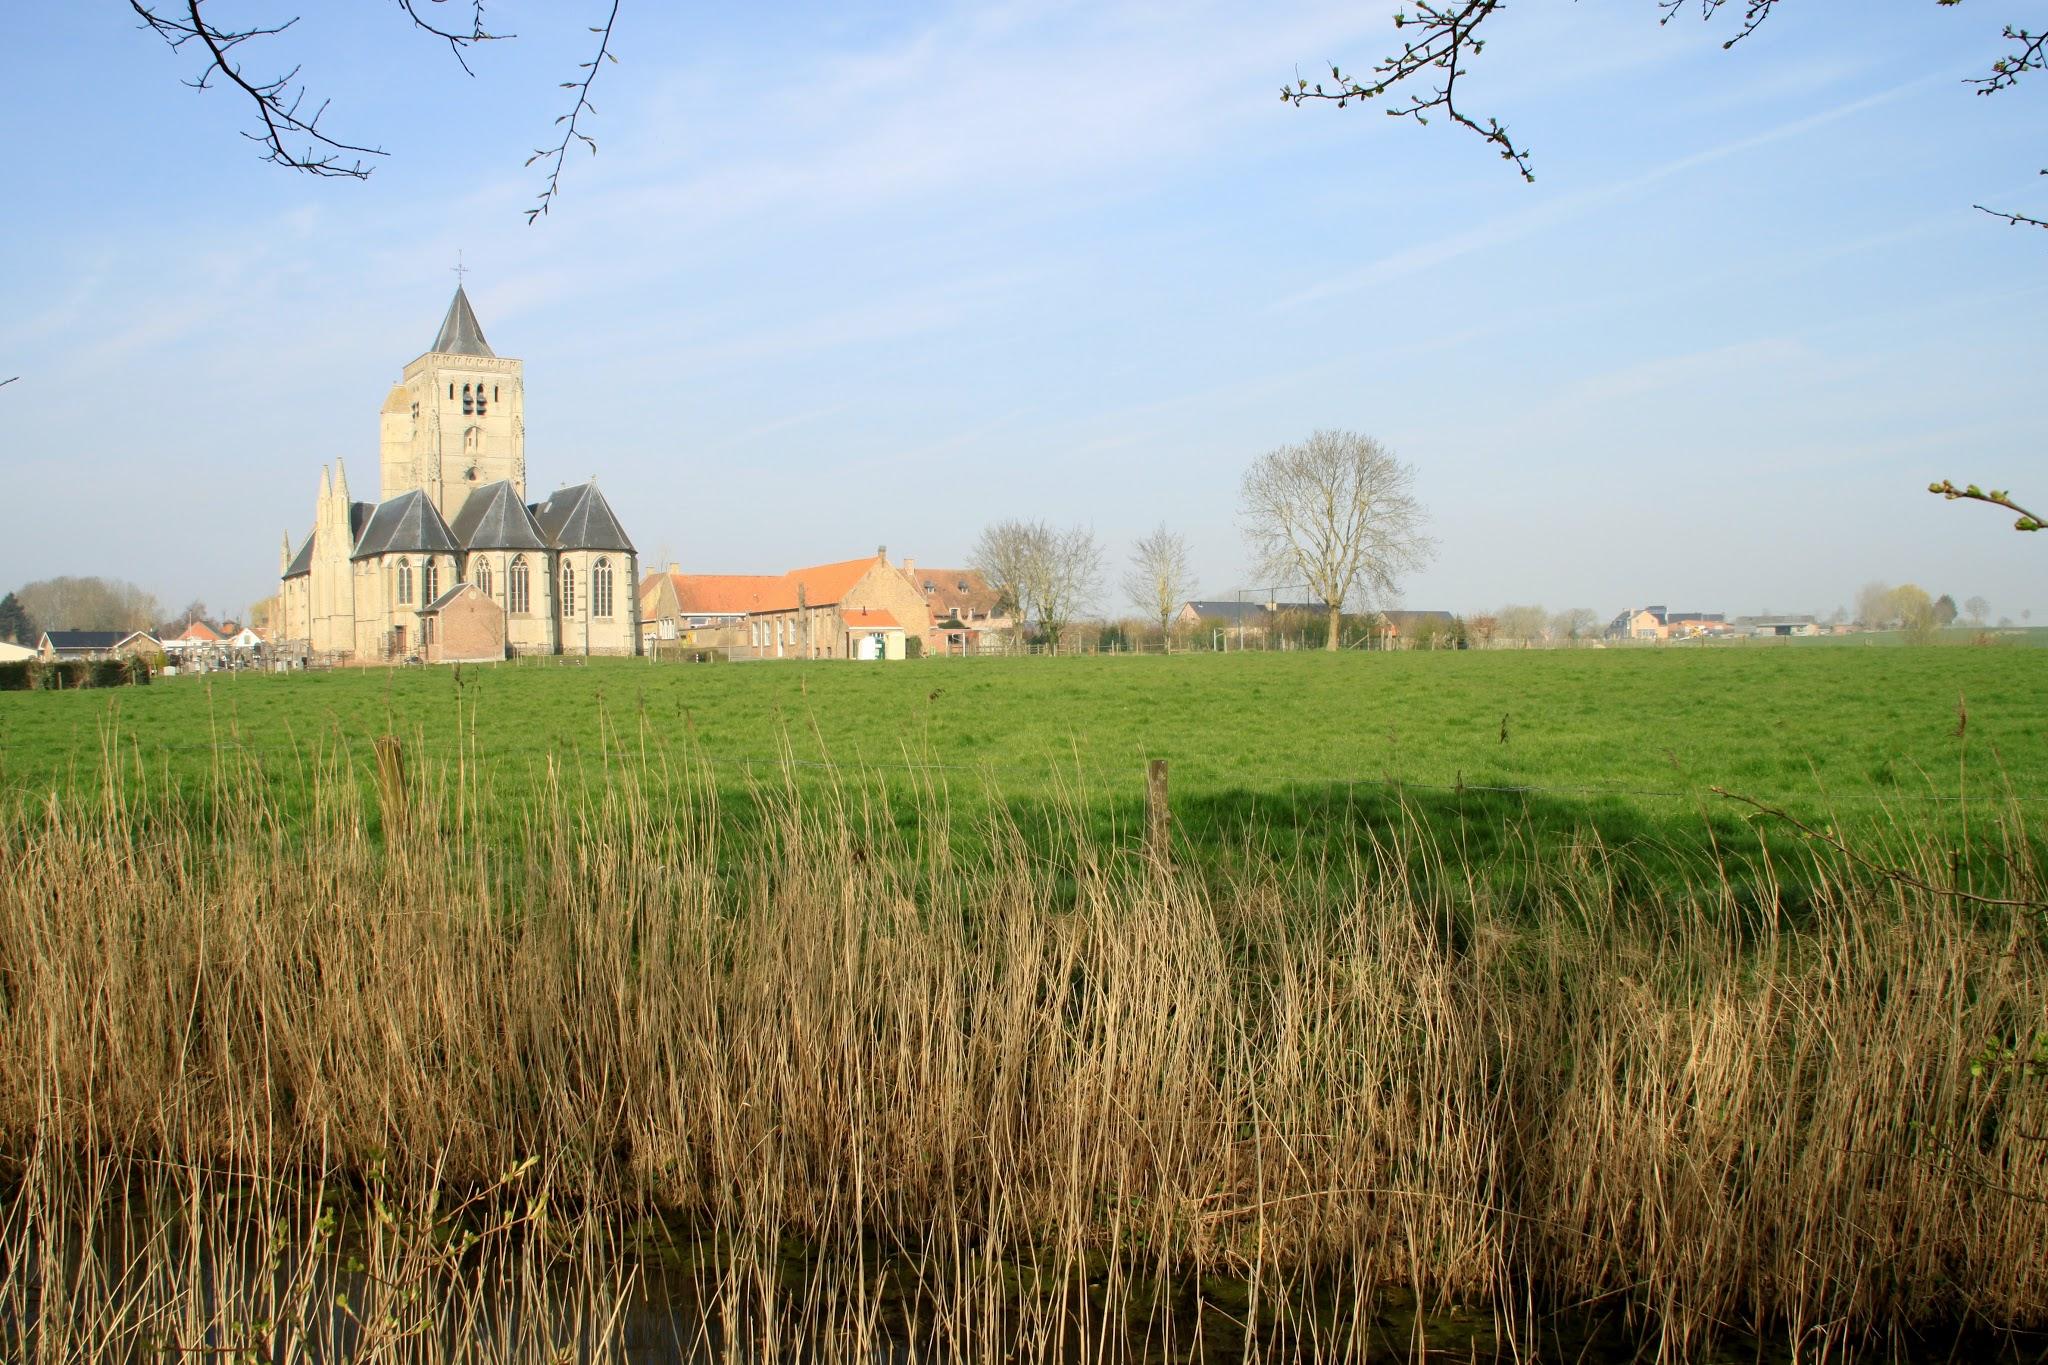 Photo: De Sint-Audomaruskerk van Beveren, een gotische hallenkerk uit de 15de eeuw.